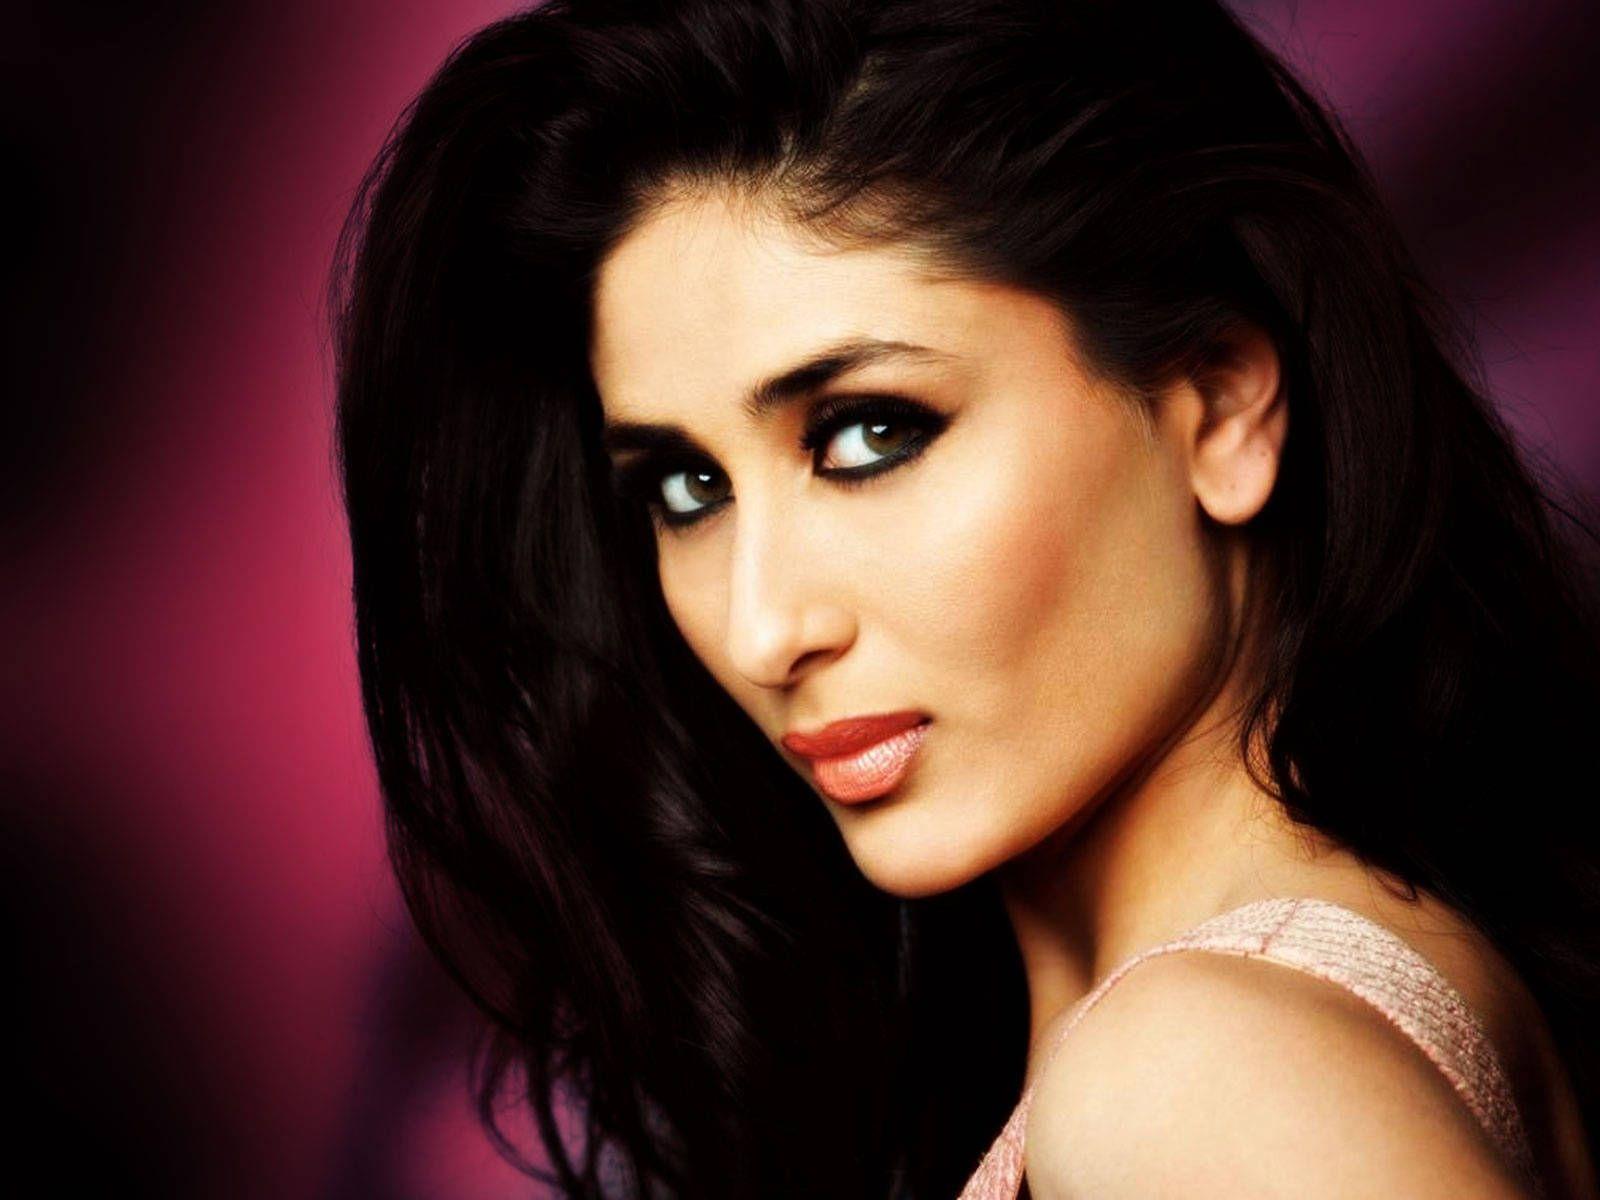 kareena kapoor khan wallpaper download | kareena kapoor khan